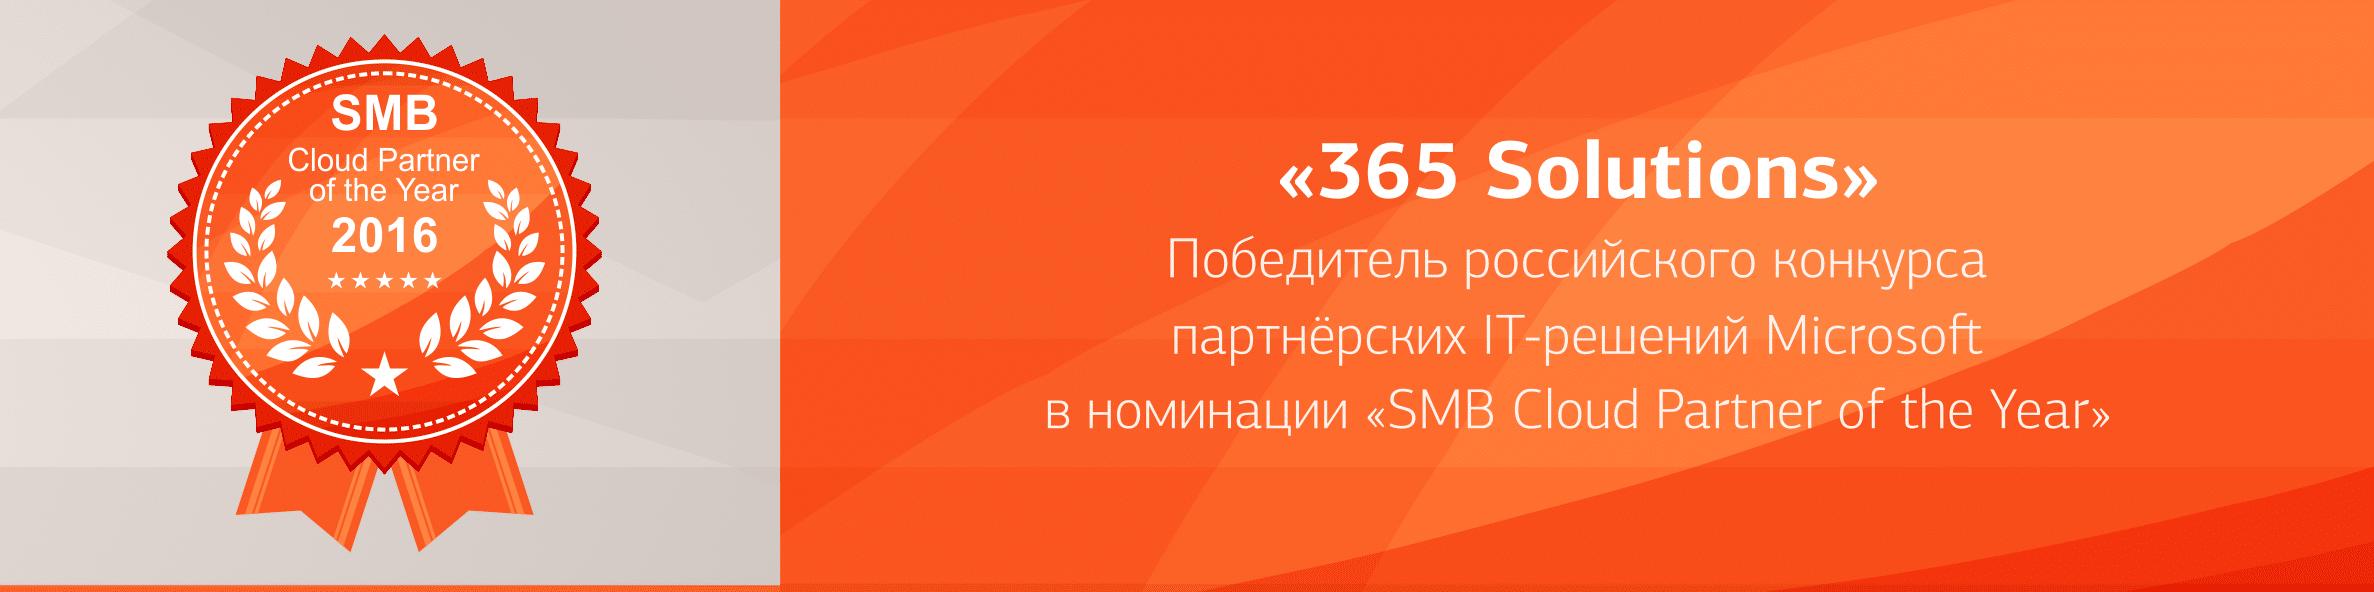 Компания «365 Solutions» стала одним из победителей российского конкурса партнерских ИТ-решений Microsoft 1